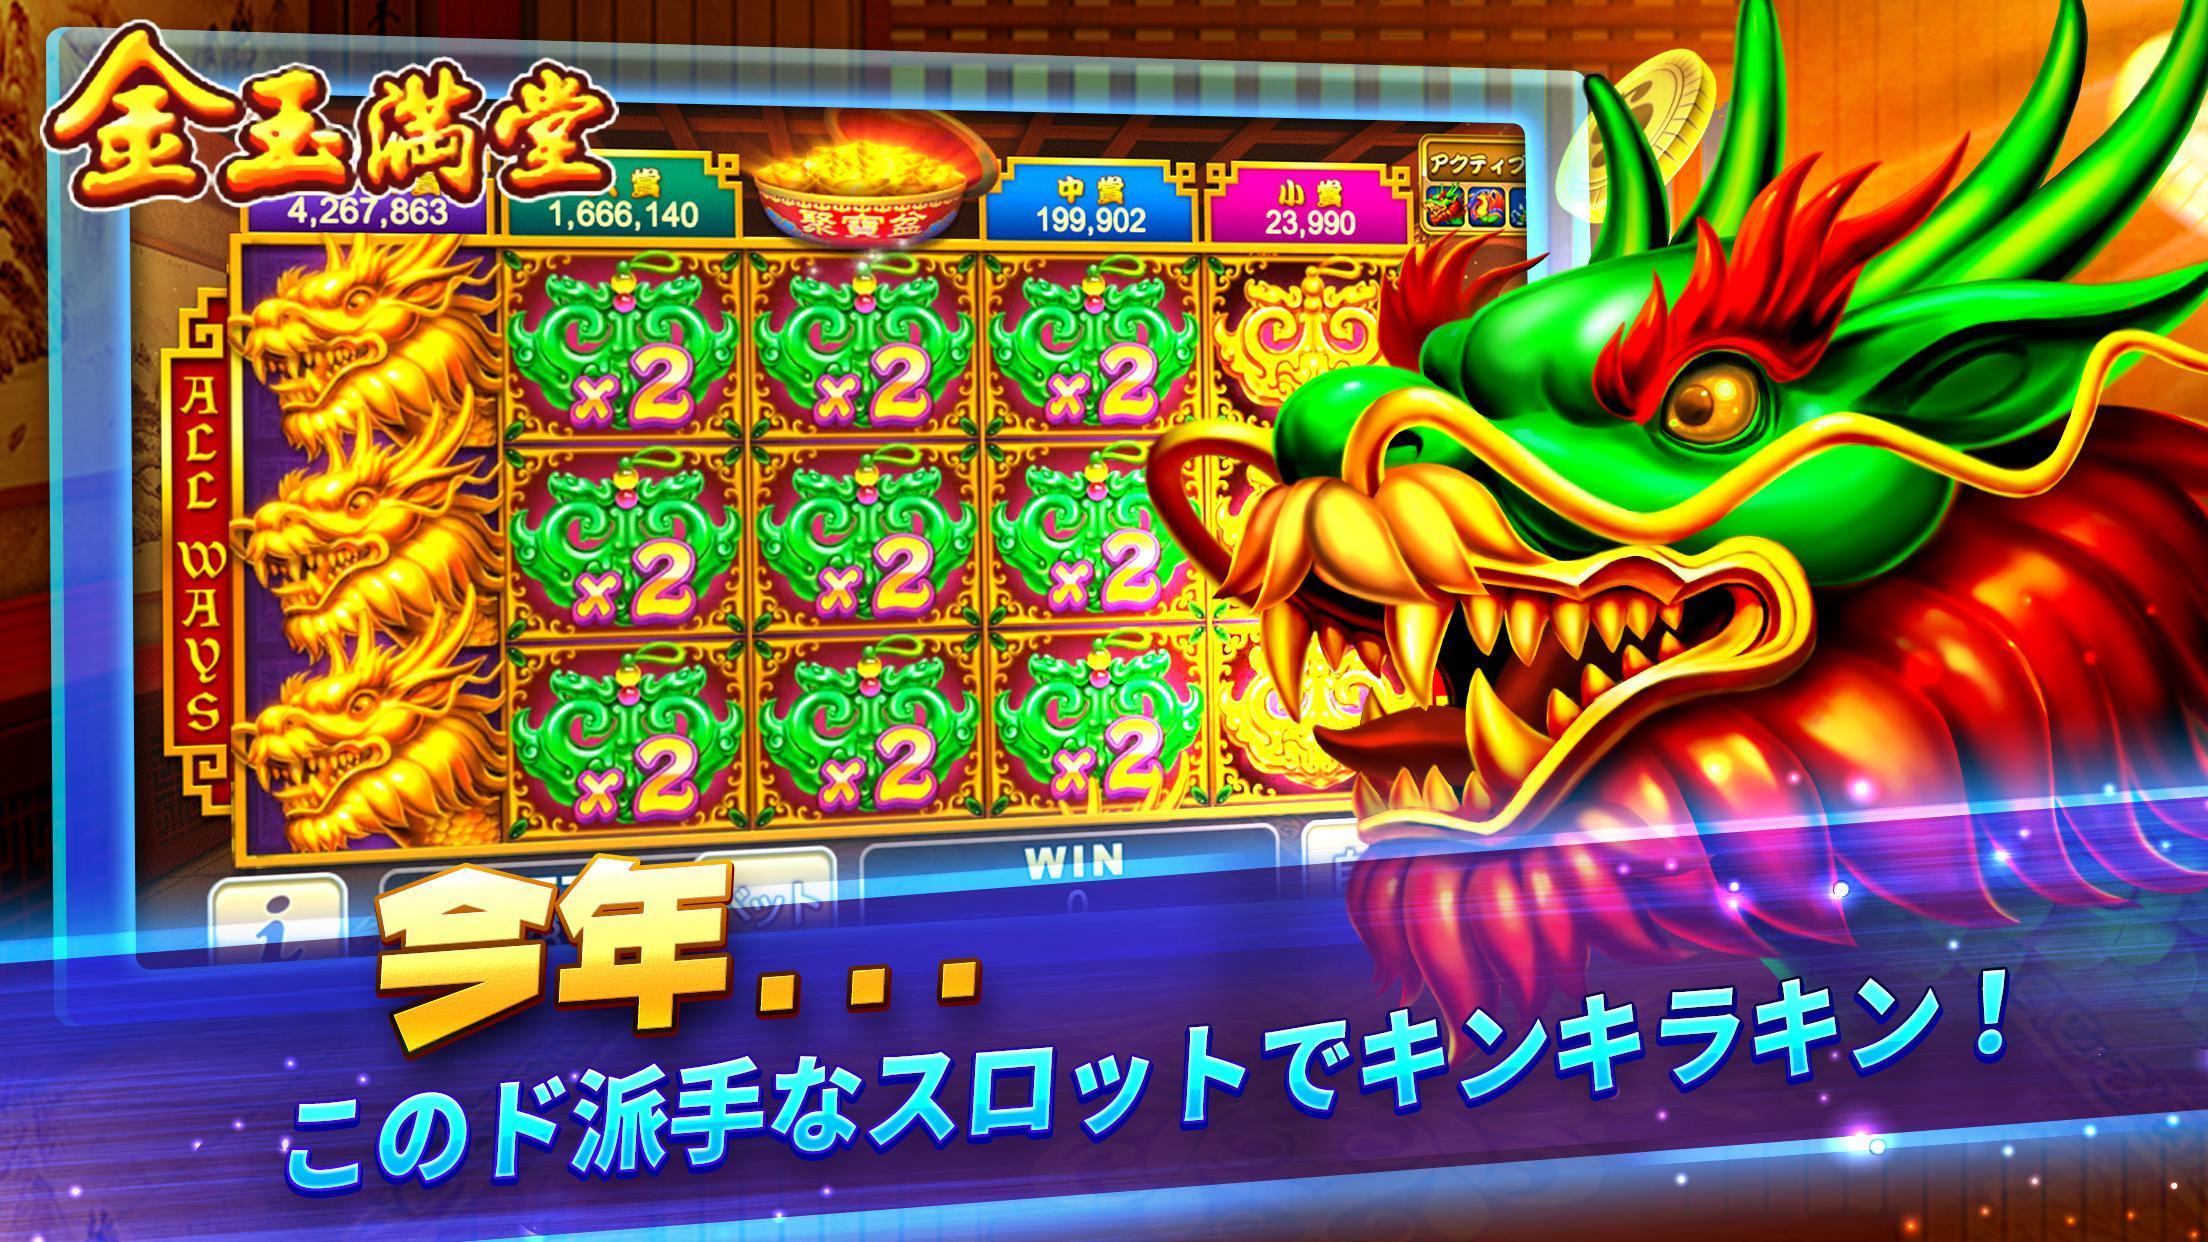 スーパーラッキーカジノ ~ オーシャンモンスター、スロット、サイコロ、ポーカー 3.14.1 Screenshot 7